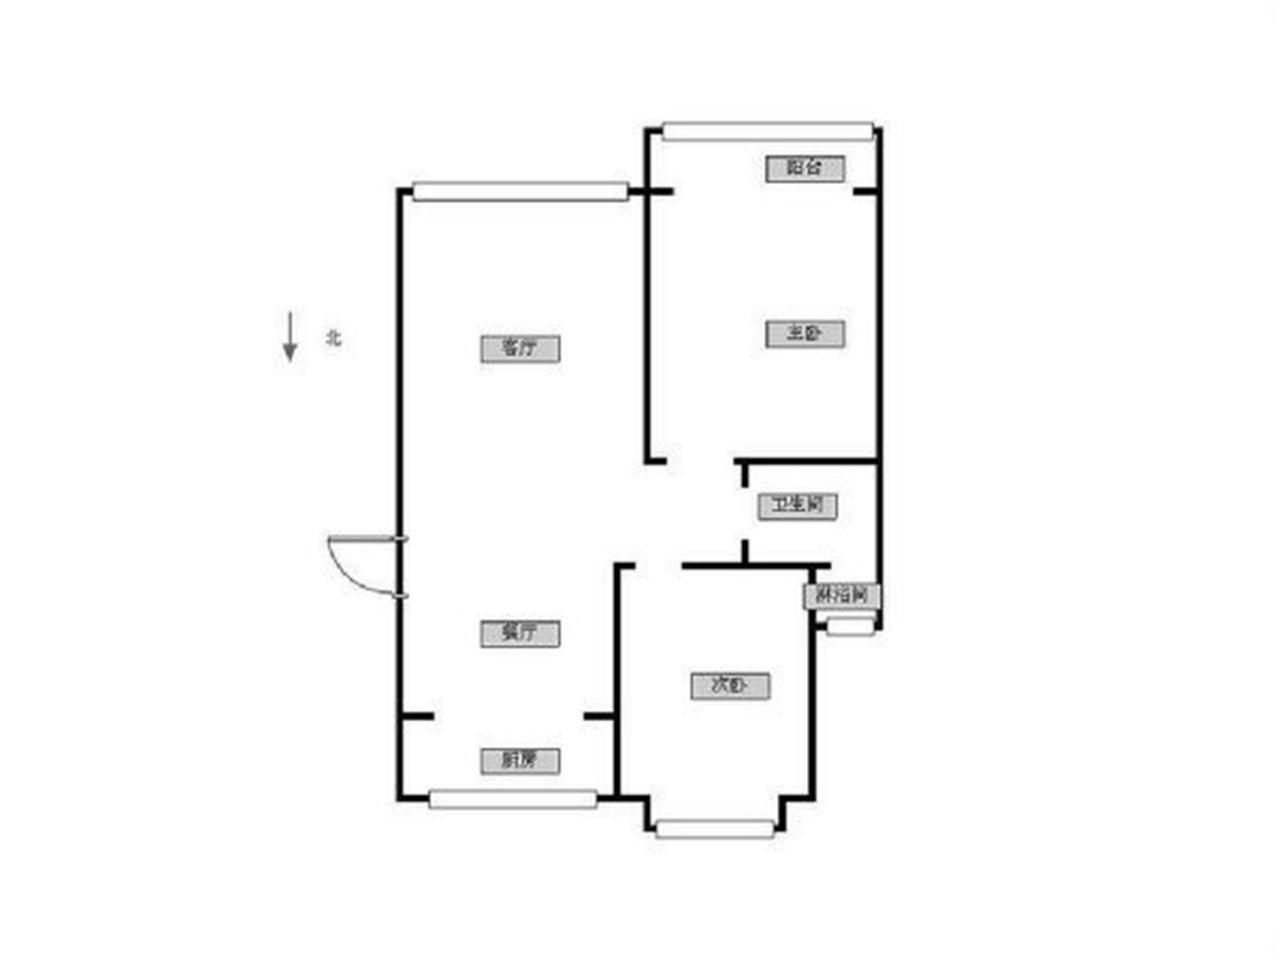 鼓楼区福建路金阜雅苑2室1厅户型图